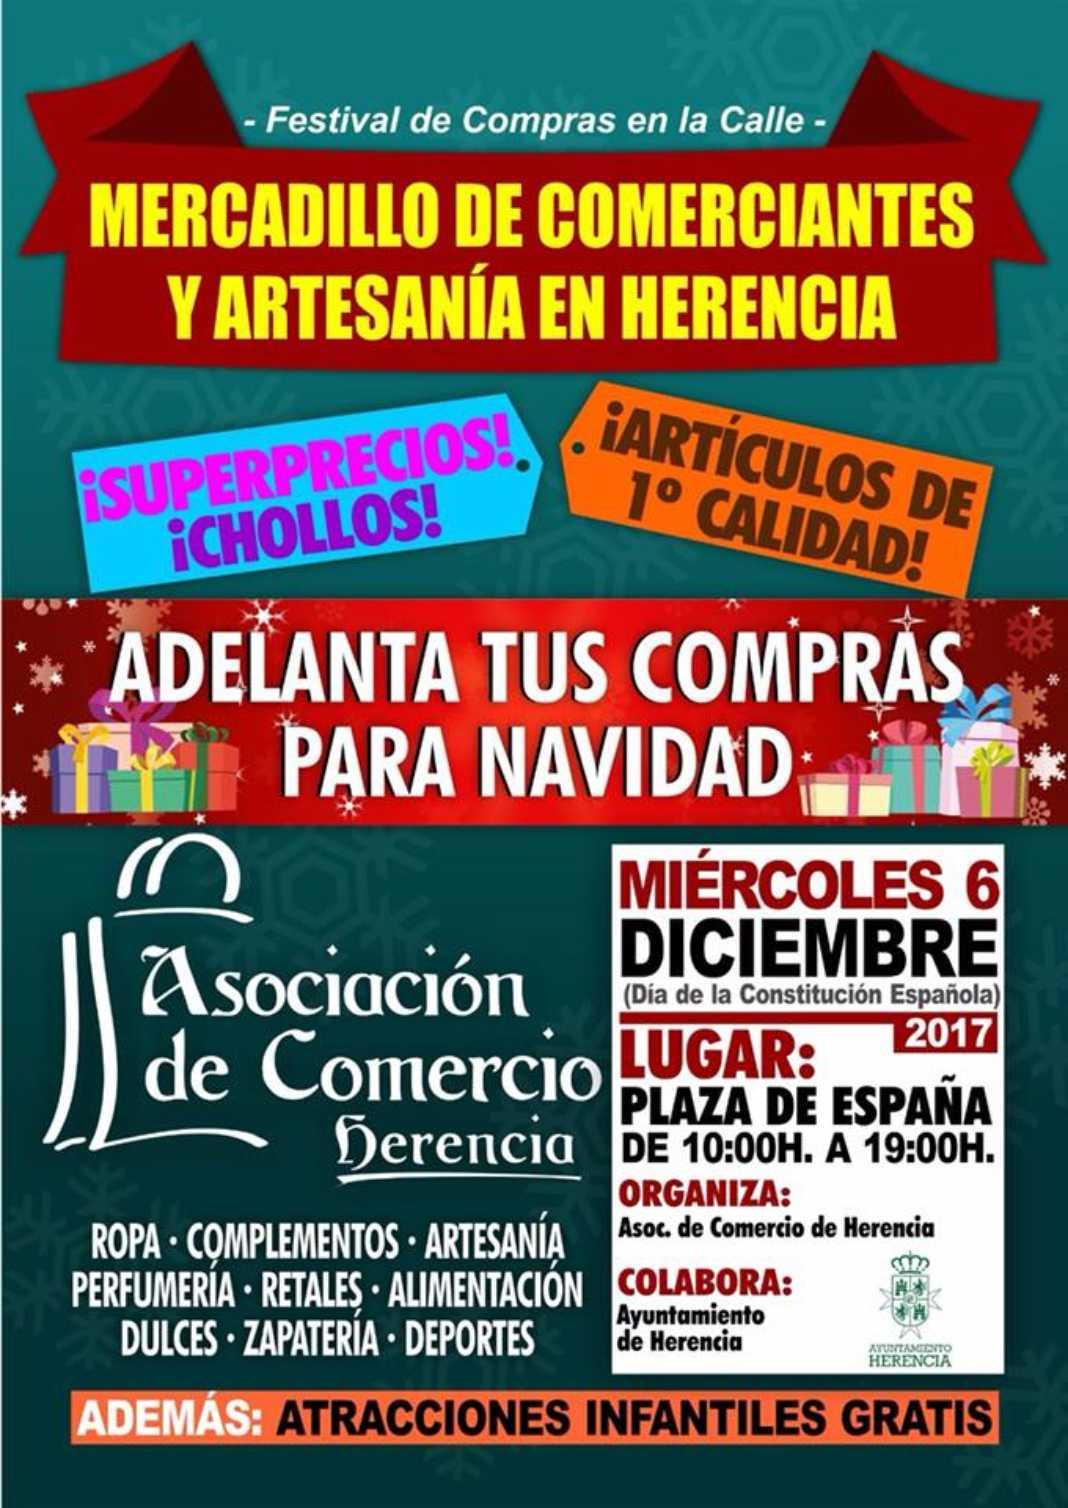 Mercadillo de comerciantes y artesanía en Herencia 7